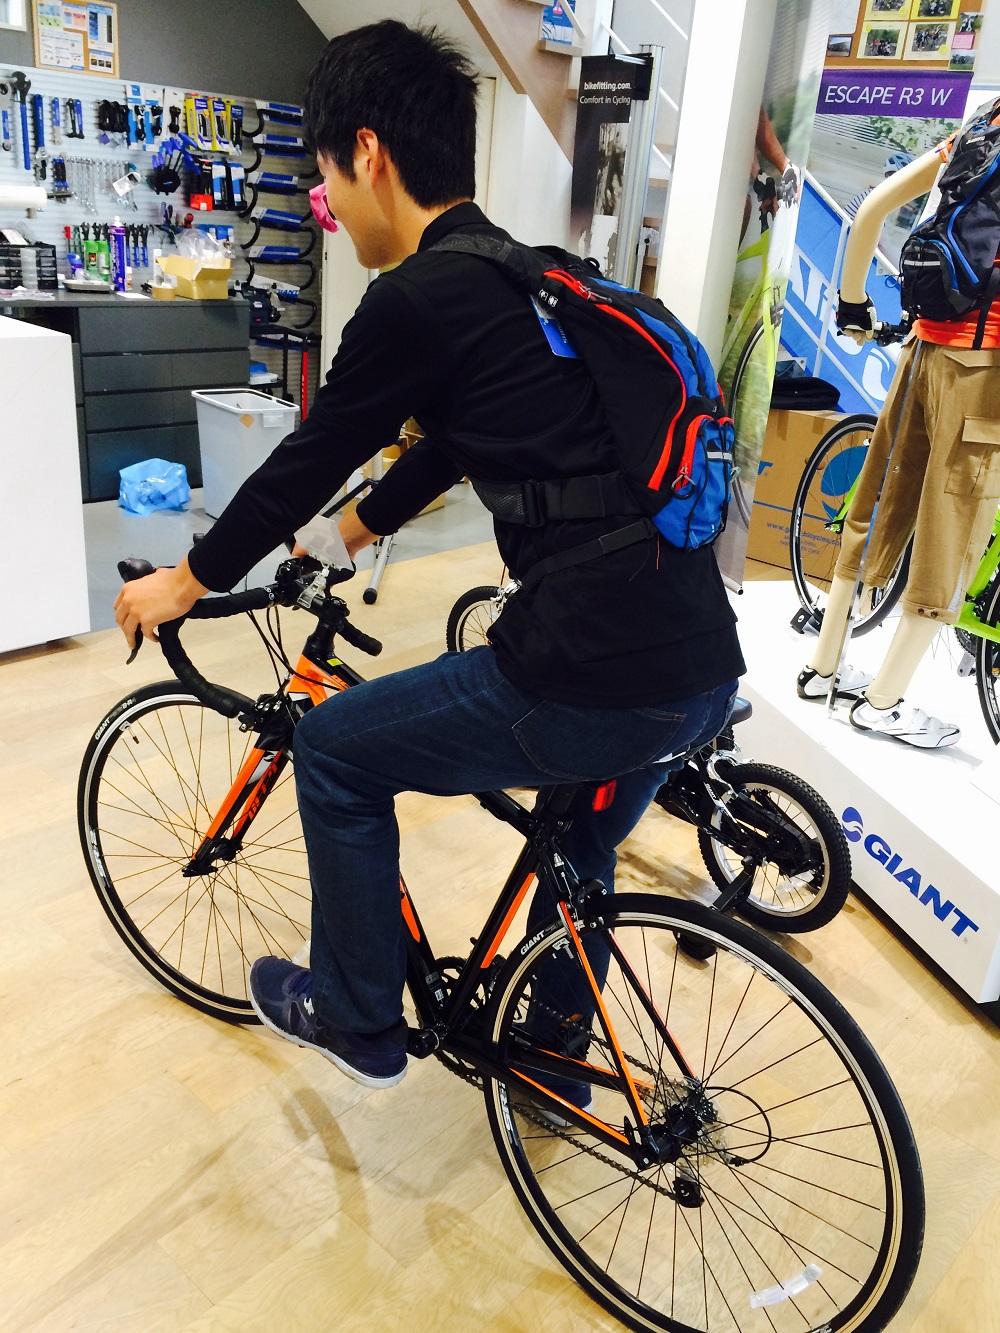 2a8f9f61a180 SHIMANOの自転車専用のリュックを身長184cmの井上(慶)が背負ってみました。